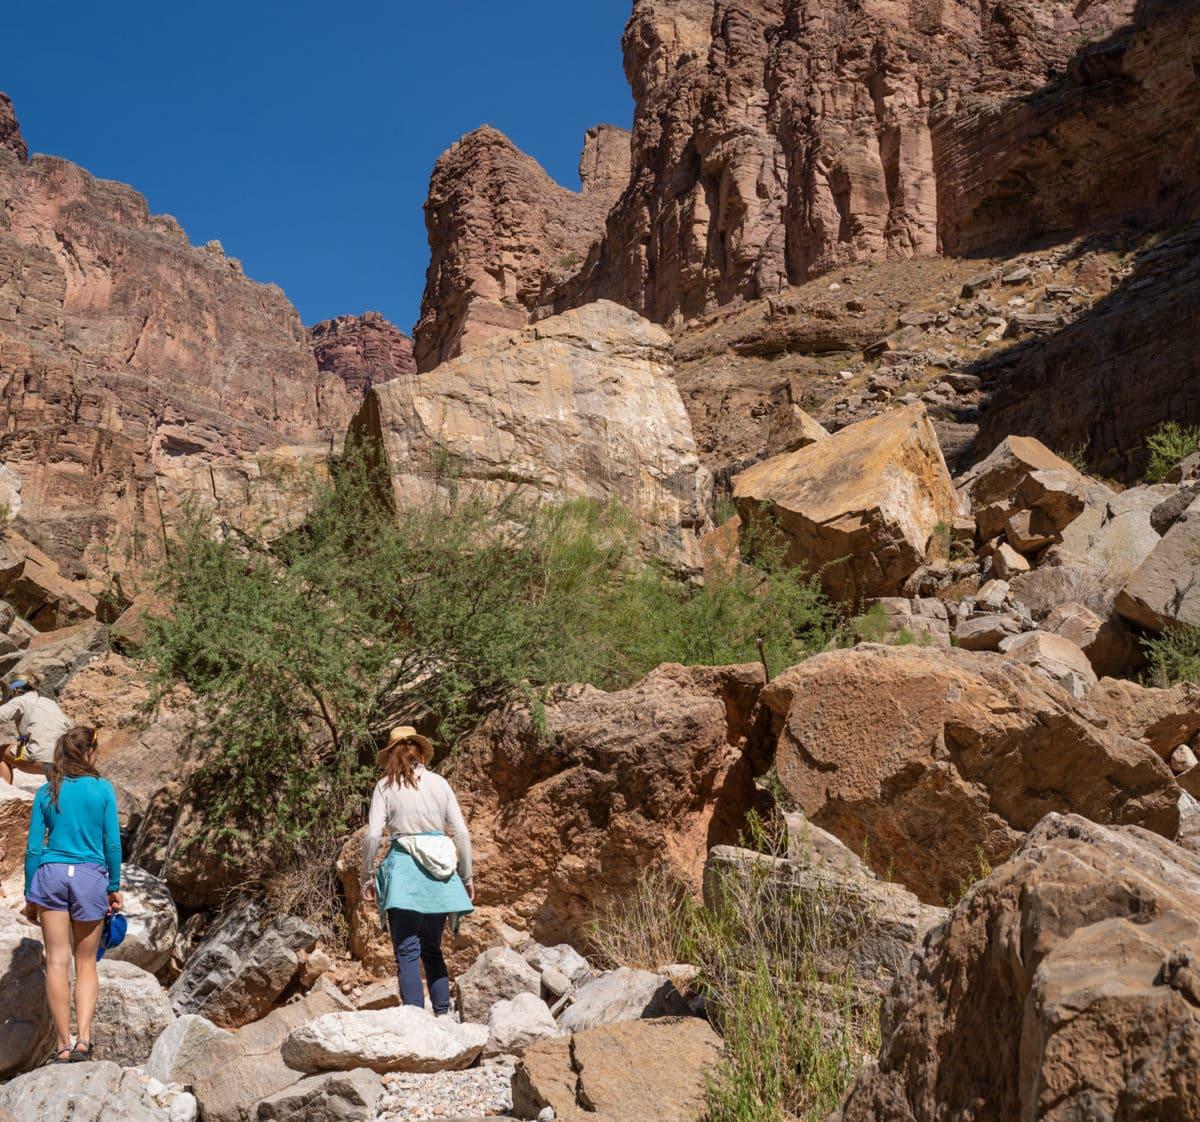 Cove canyon